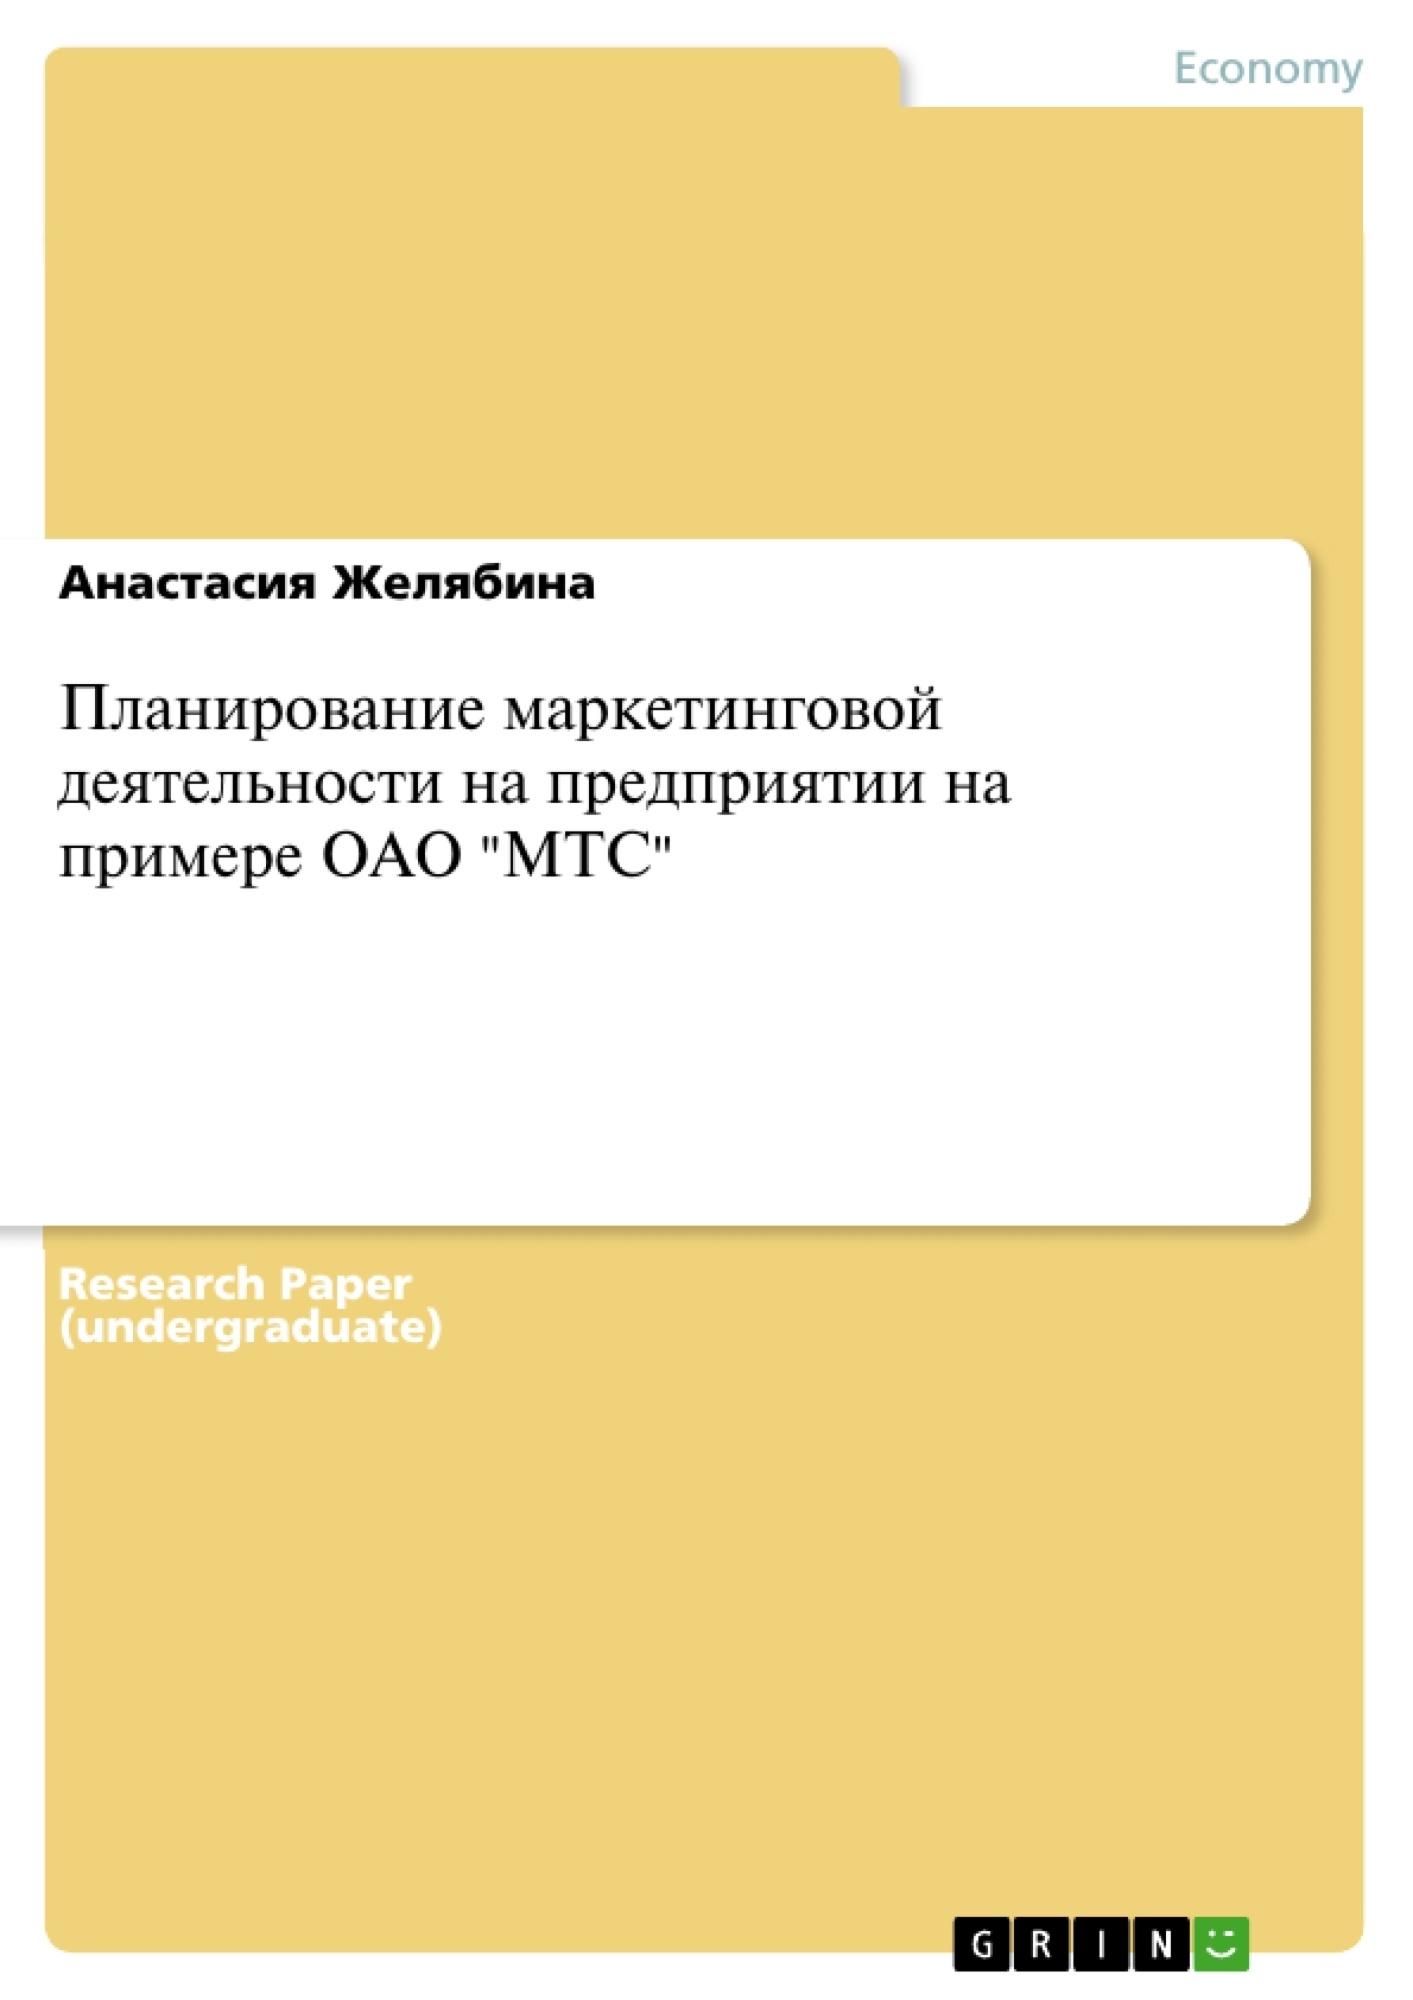 """Title: Планирование маркетинговой деятельности на предприятии на примере ОАО """"МТС"""""""